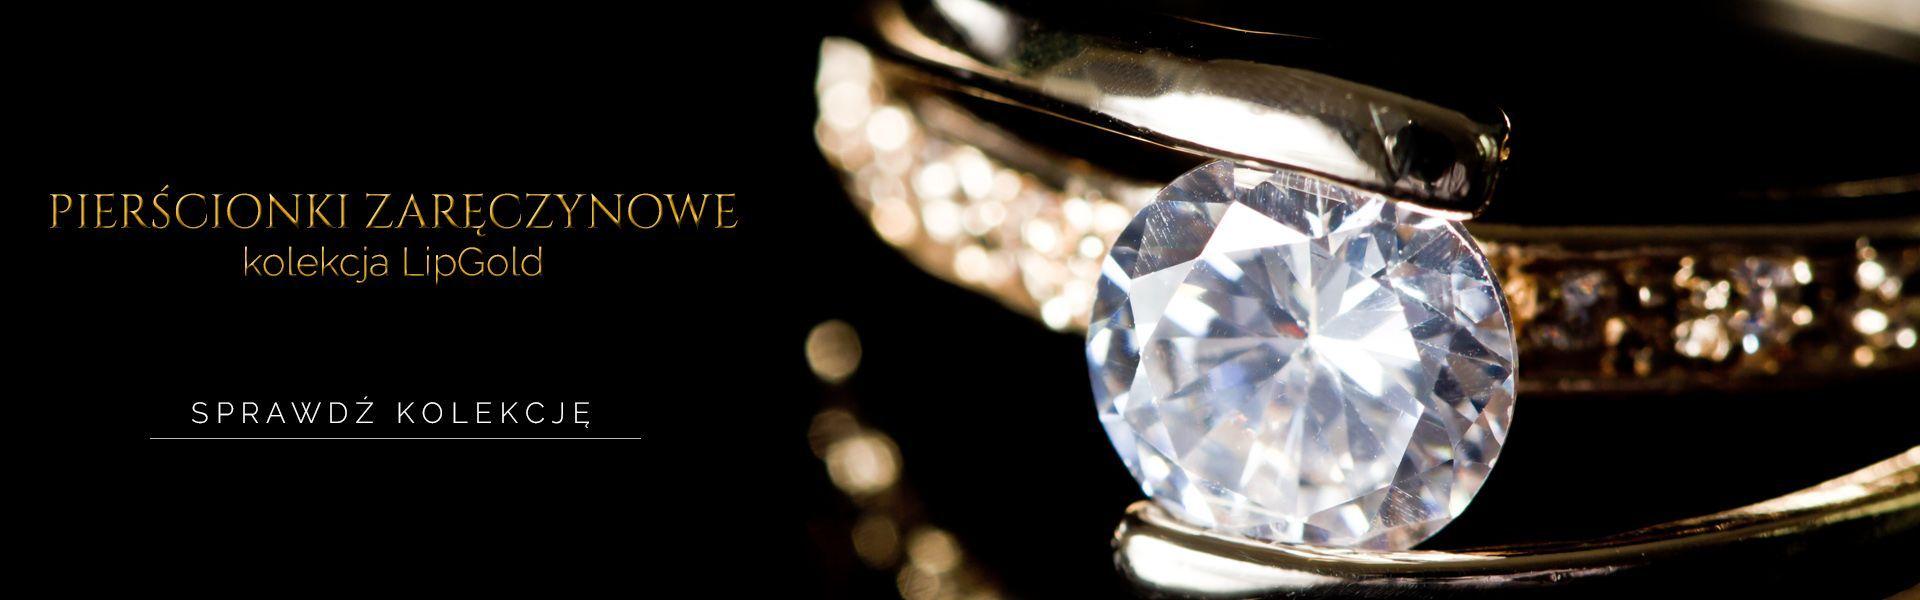 7db92e65379b5f Biżuteria złota i srebrna - LipGold